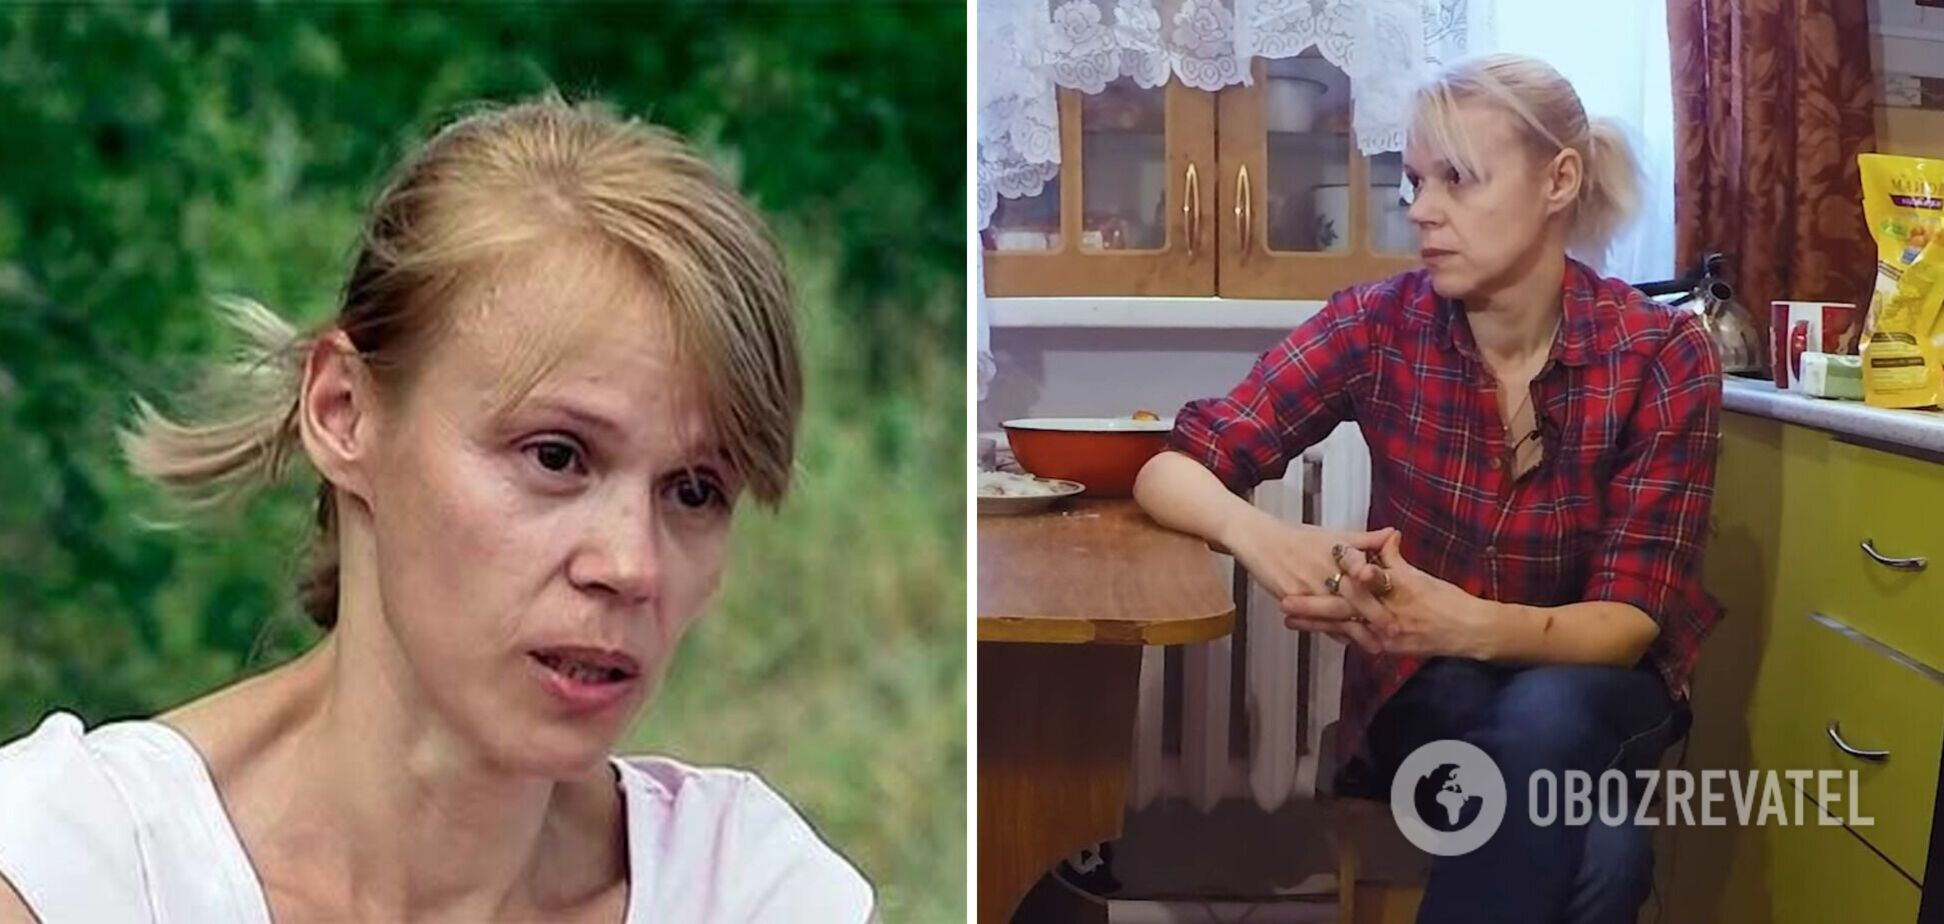 Героїня фейку про розп'ятого хлопчика розповіла про цькування та життя в Росії. Відео